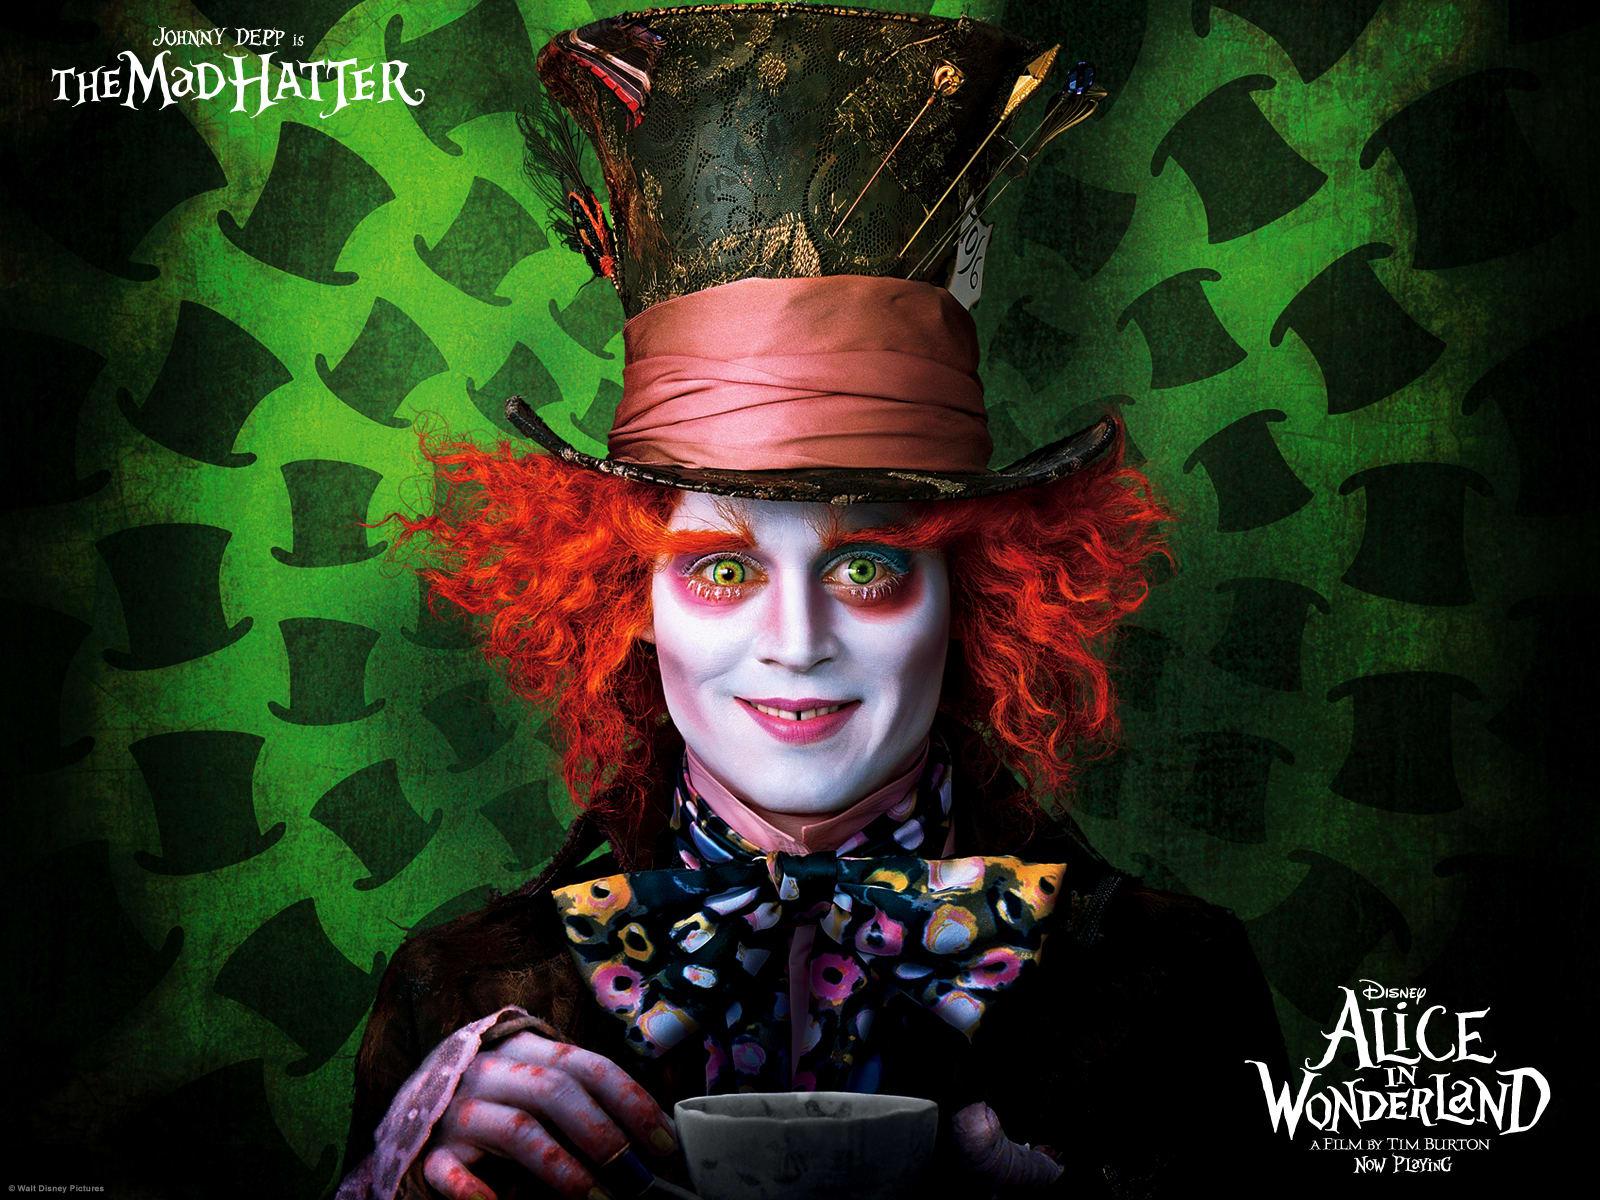 Alice au pays des merveilles - Wallpaper